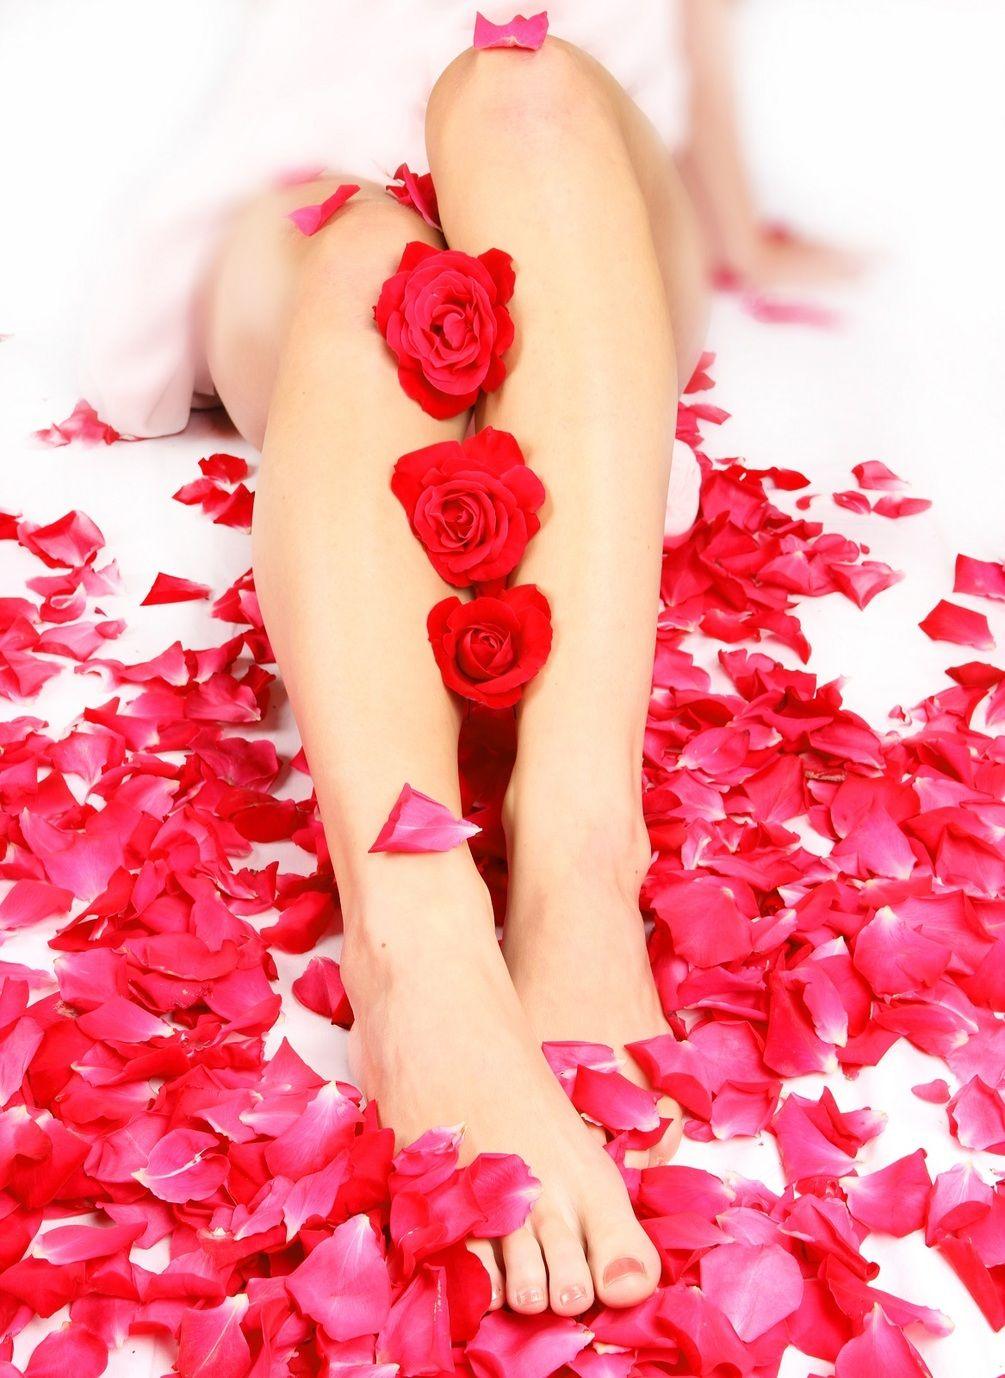 живые цветы у женских ног картинки что бросается